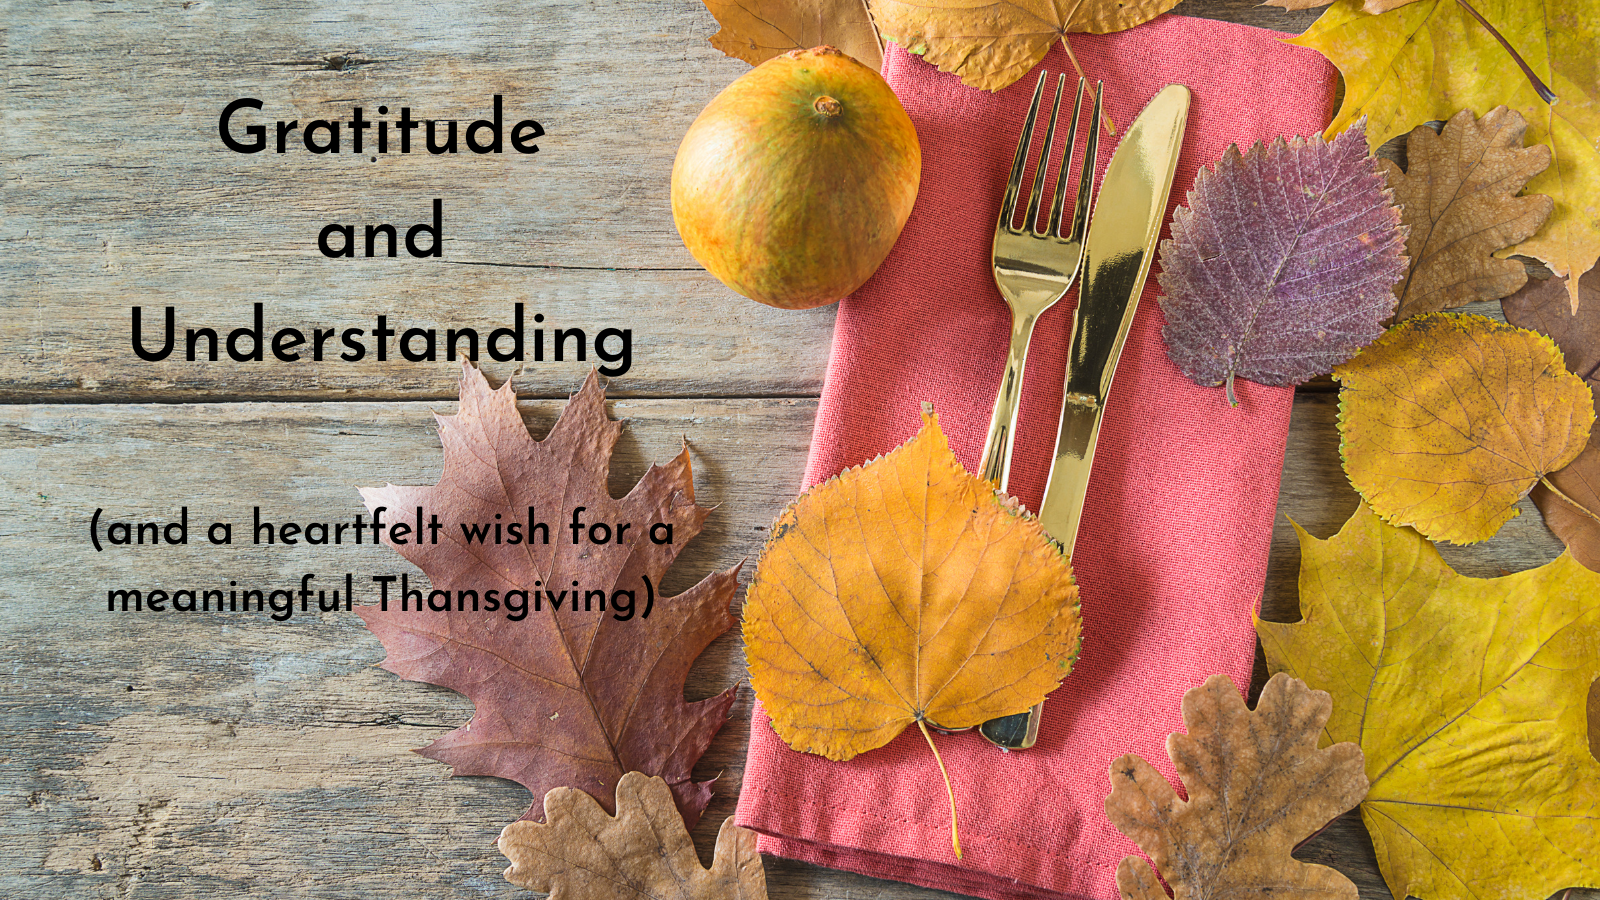 Gratitude and Understanding